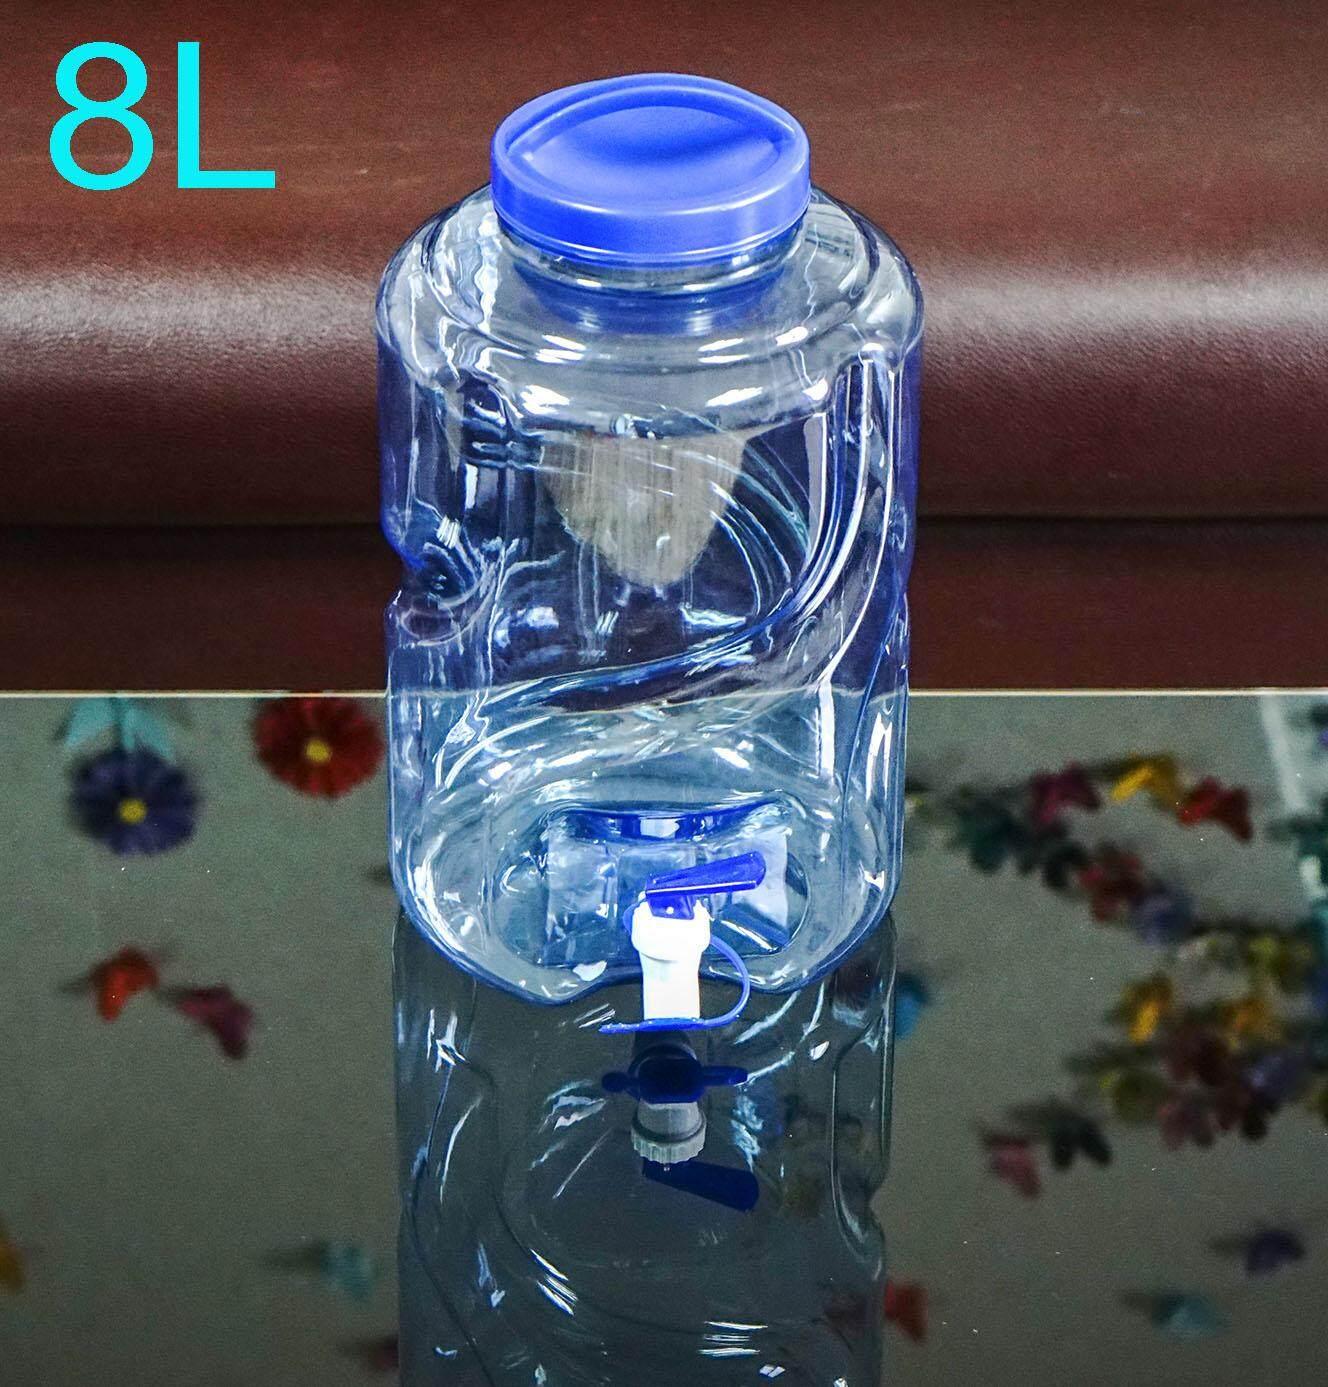 ถังน้ำดื่ม Pet ขนาด 8 ลิตร ถังน้ำมีก๊อกพร้อมหูหิ้ว สำหรับใส่น้ำดื่ม รุ่น ลาย 6 Drinking Water Bottle ขวด ถัง ขวดน้ำ ถังน้ำ By Yongling2013.